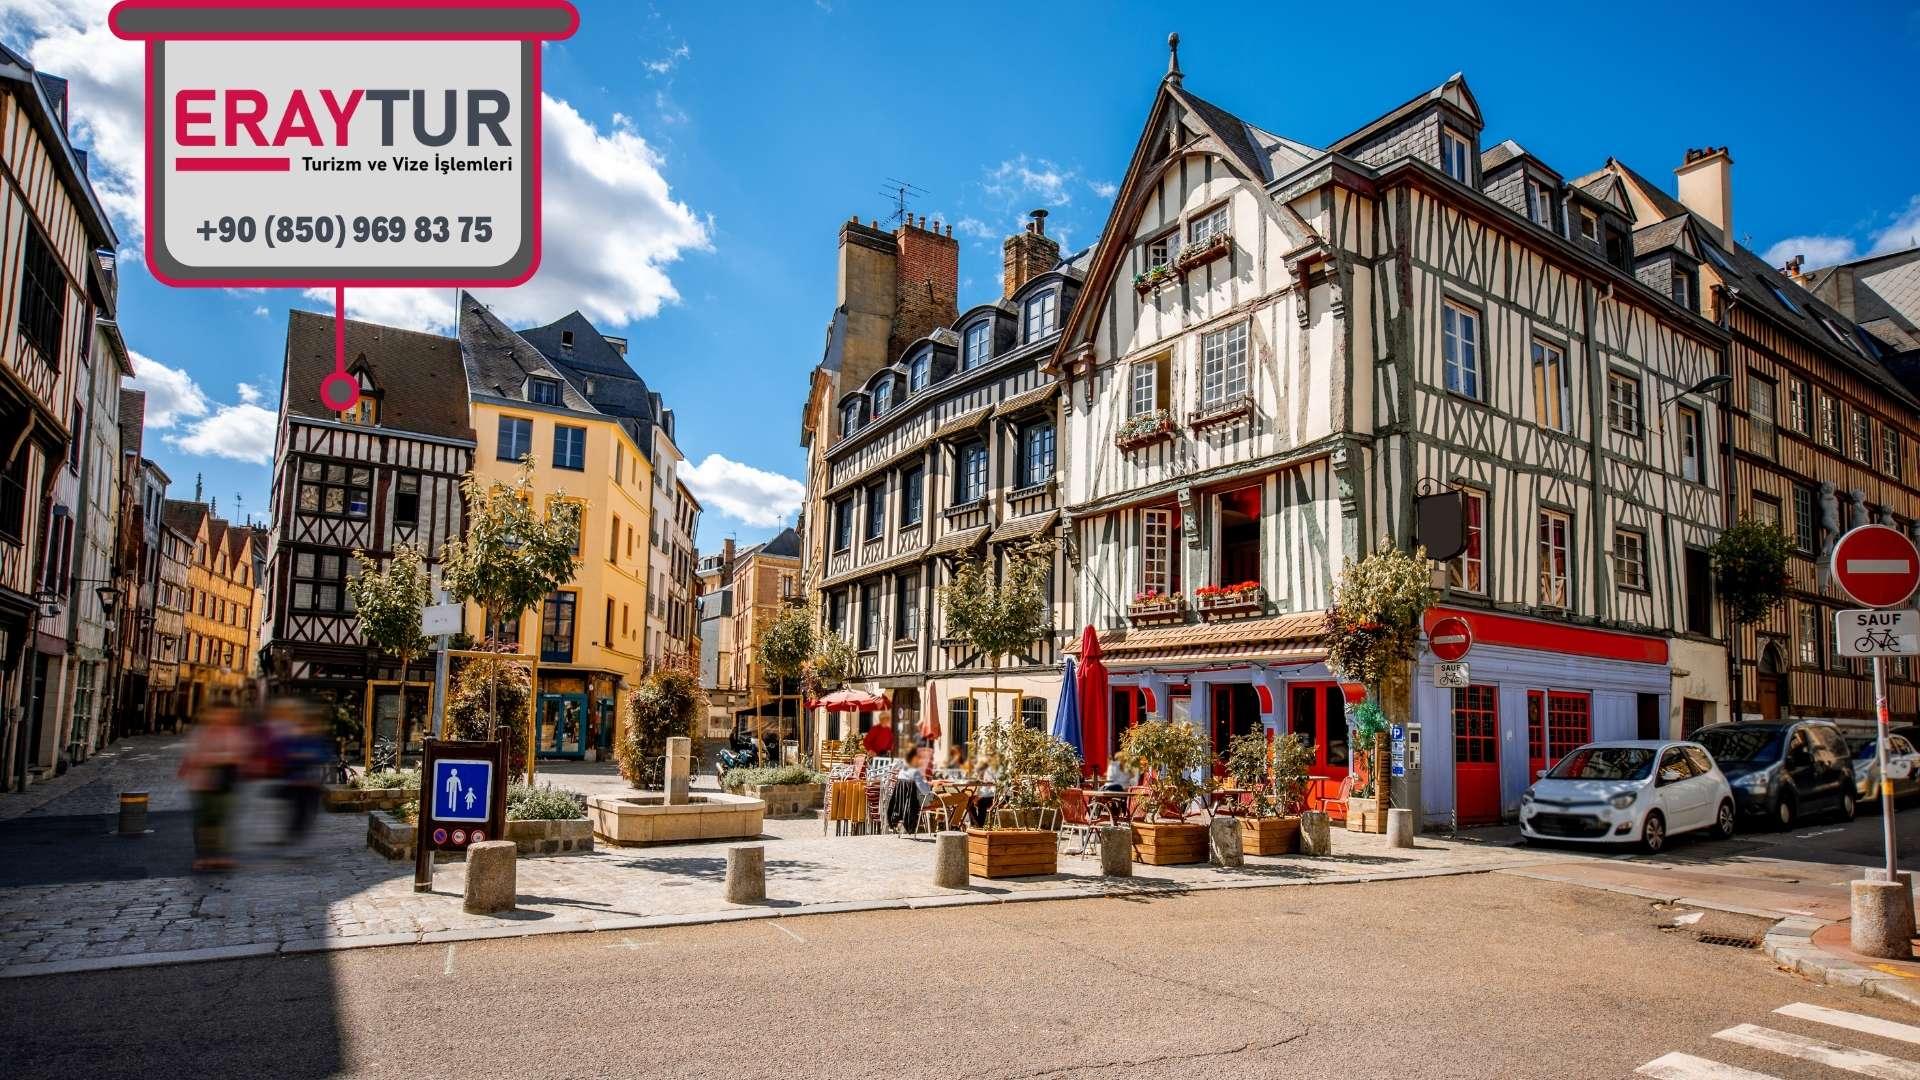 Fransa Turistik Vize Kamu Çalışanı Evrakları